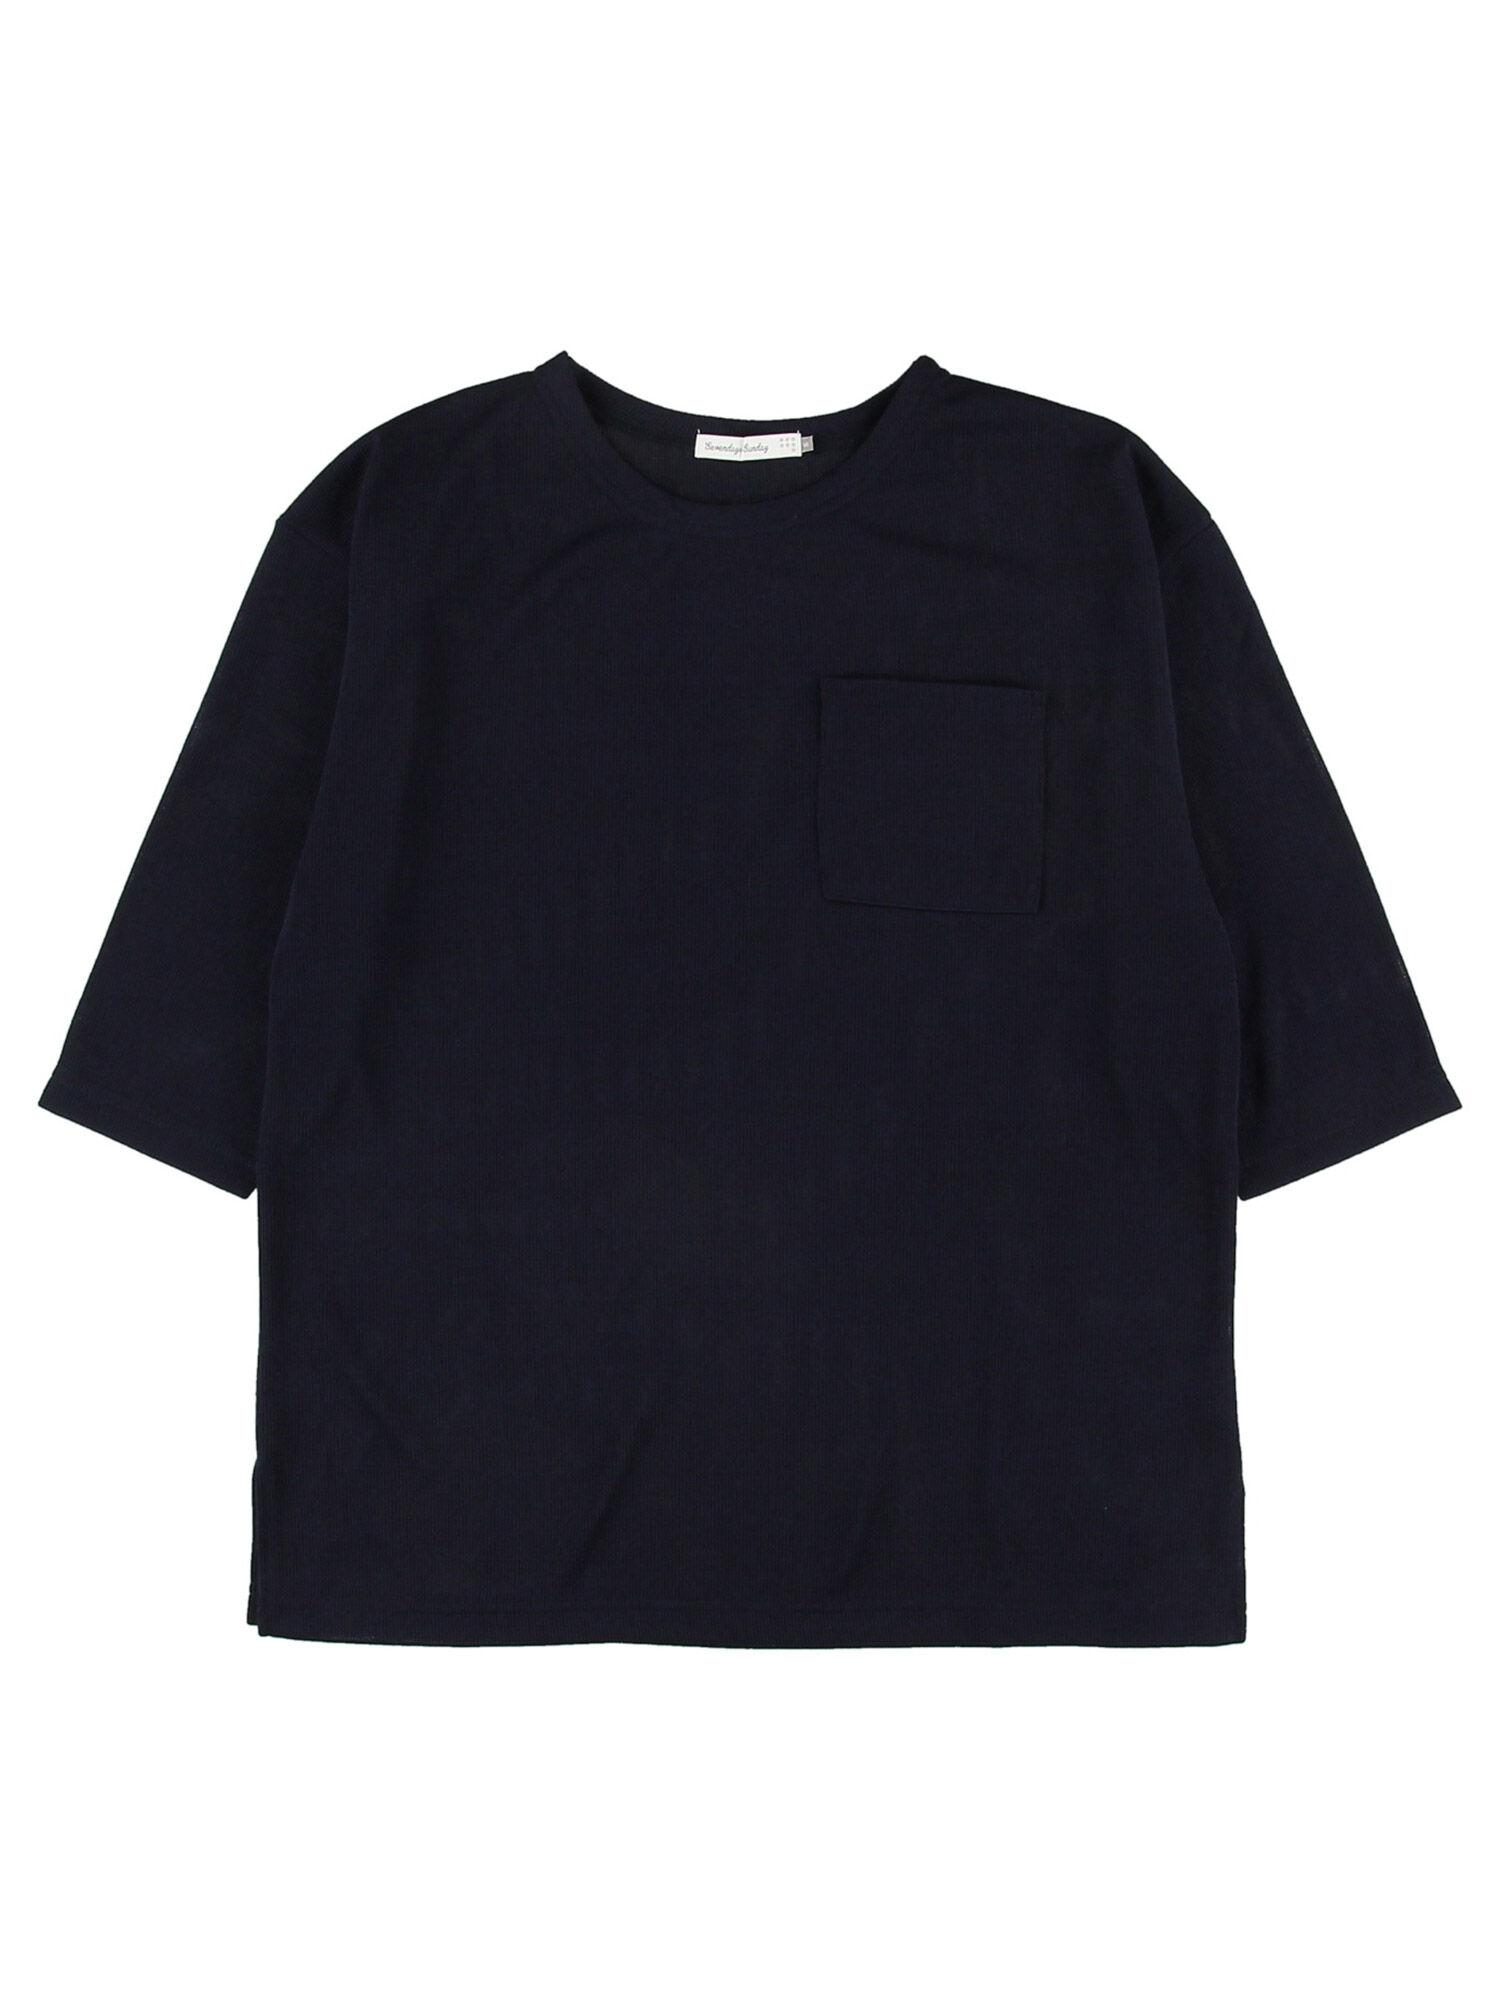 Men's粗引杢天竺7分袖ポケット付プルオーバー